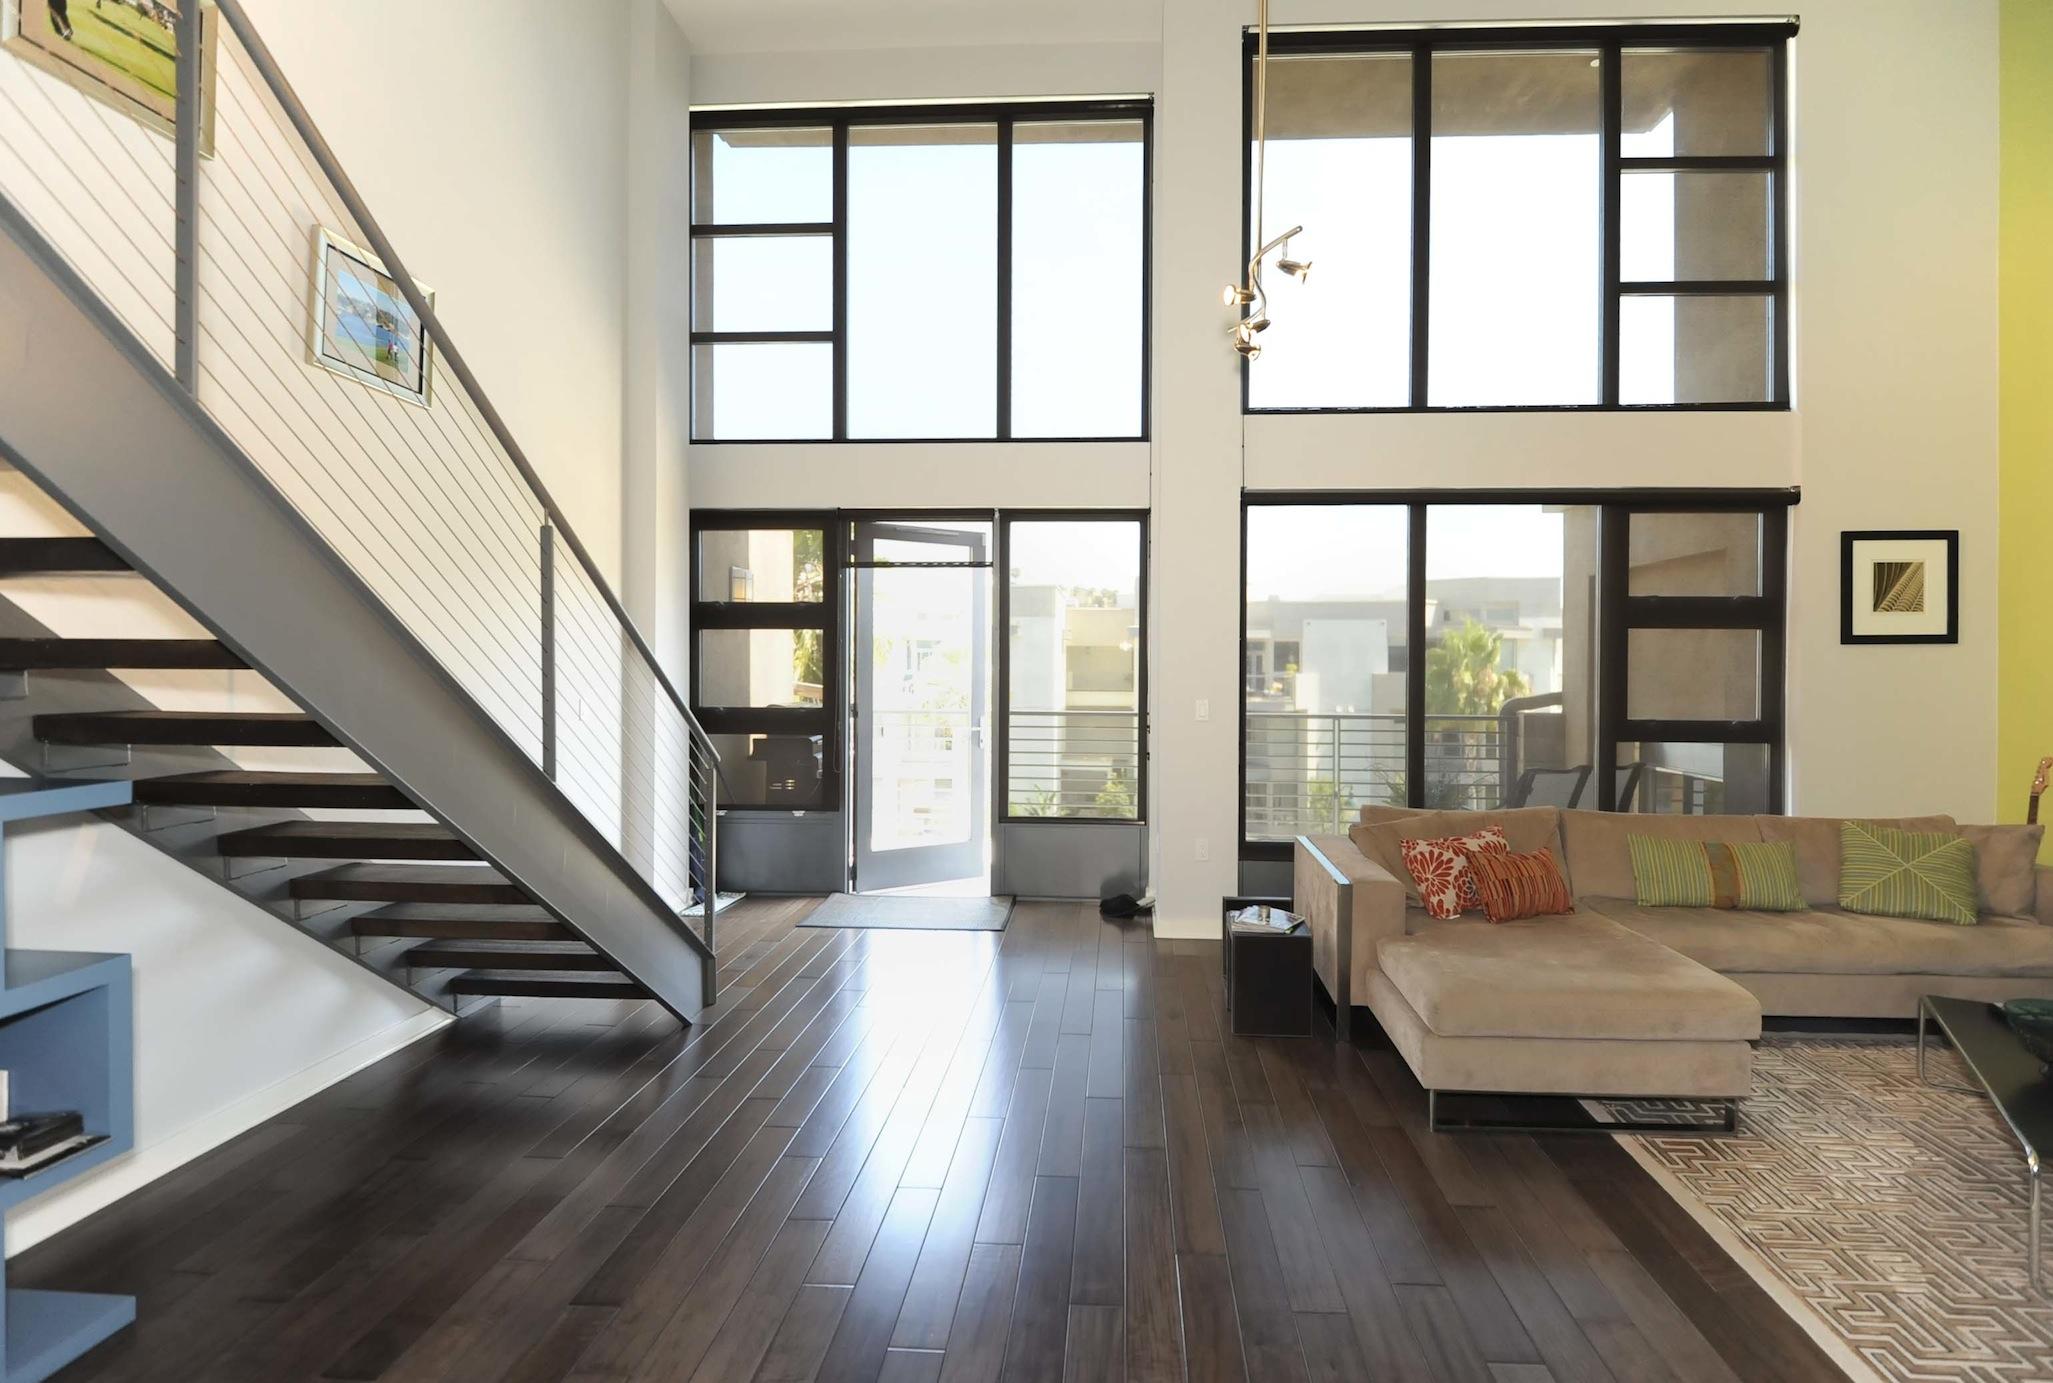 Top 10 Most Expensive Properties in Playa Vista – Playa Vista Luxury Real Estate